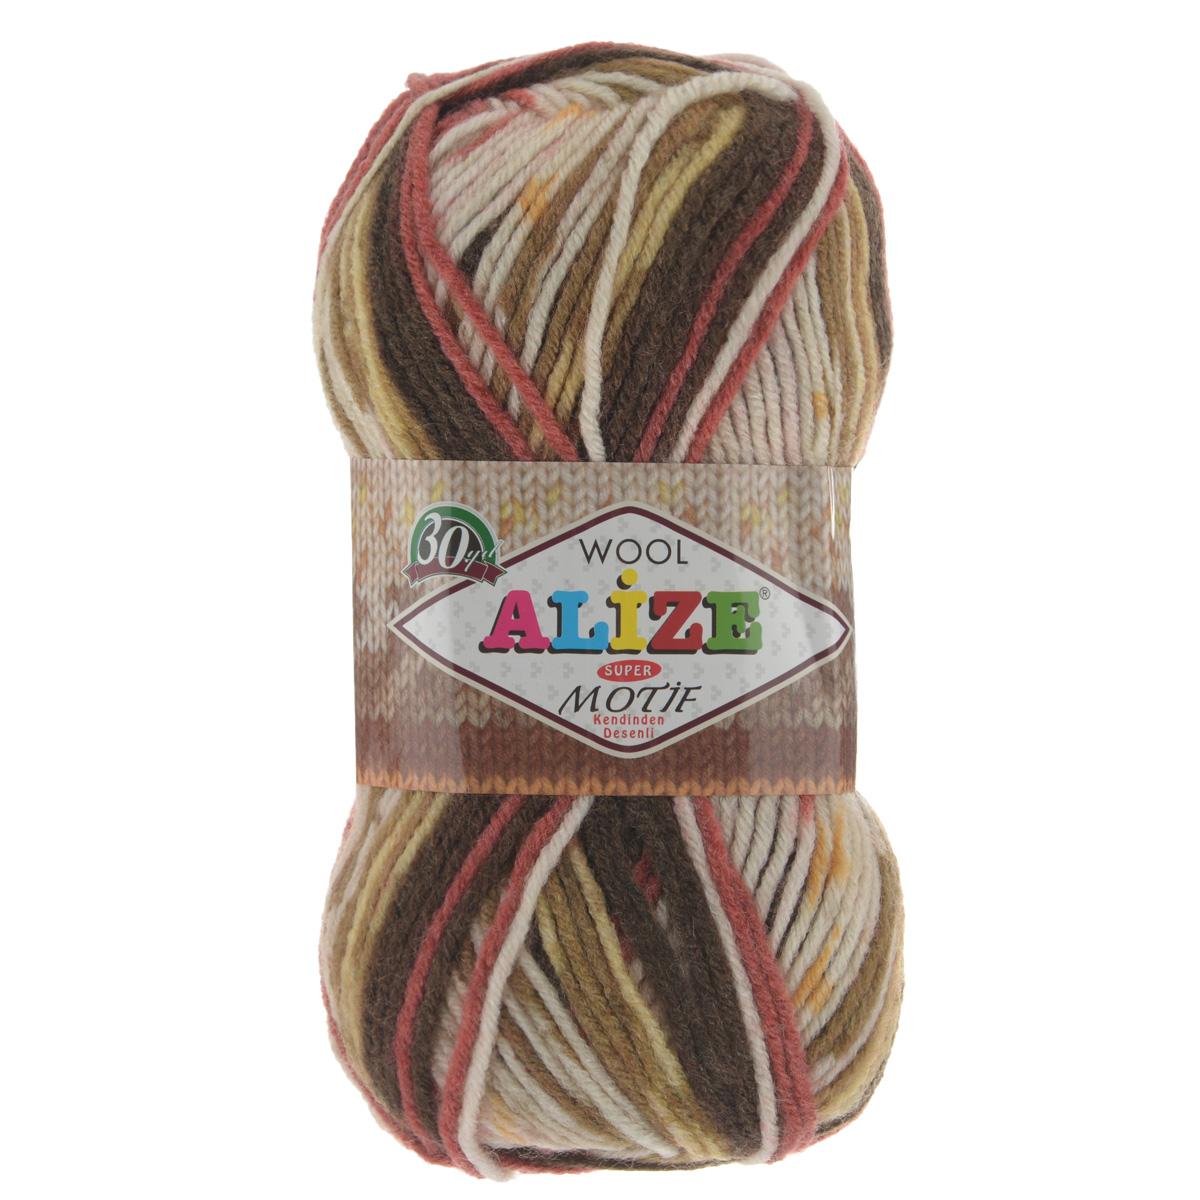 Пряжа для вязания Alize Motif, цвет: белый, коричневый, красный (2958), 200 м, 100 г, 5 шт367014_2958Турецкая пряжа Alize MOTIF для ручного вязания. Нить толстая крученая, очень мягкая. Хорошо подходит для вязания теплых свитеров, пальто, изделий для интерьера. Оригинальное сочетание разноцветного узора и полос. Теплая осенне-зимняя пряжа для всей семьи. При вязании лицевой гладью складываются жаккардовые узоры. Состав: 80% акрил, 20% шерсть. Рекомендованные спицы № 5-6.